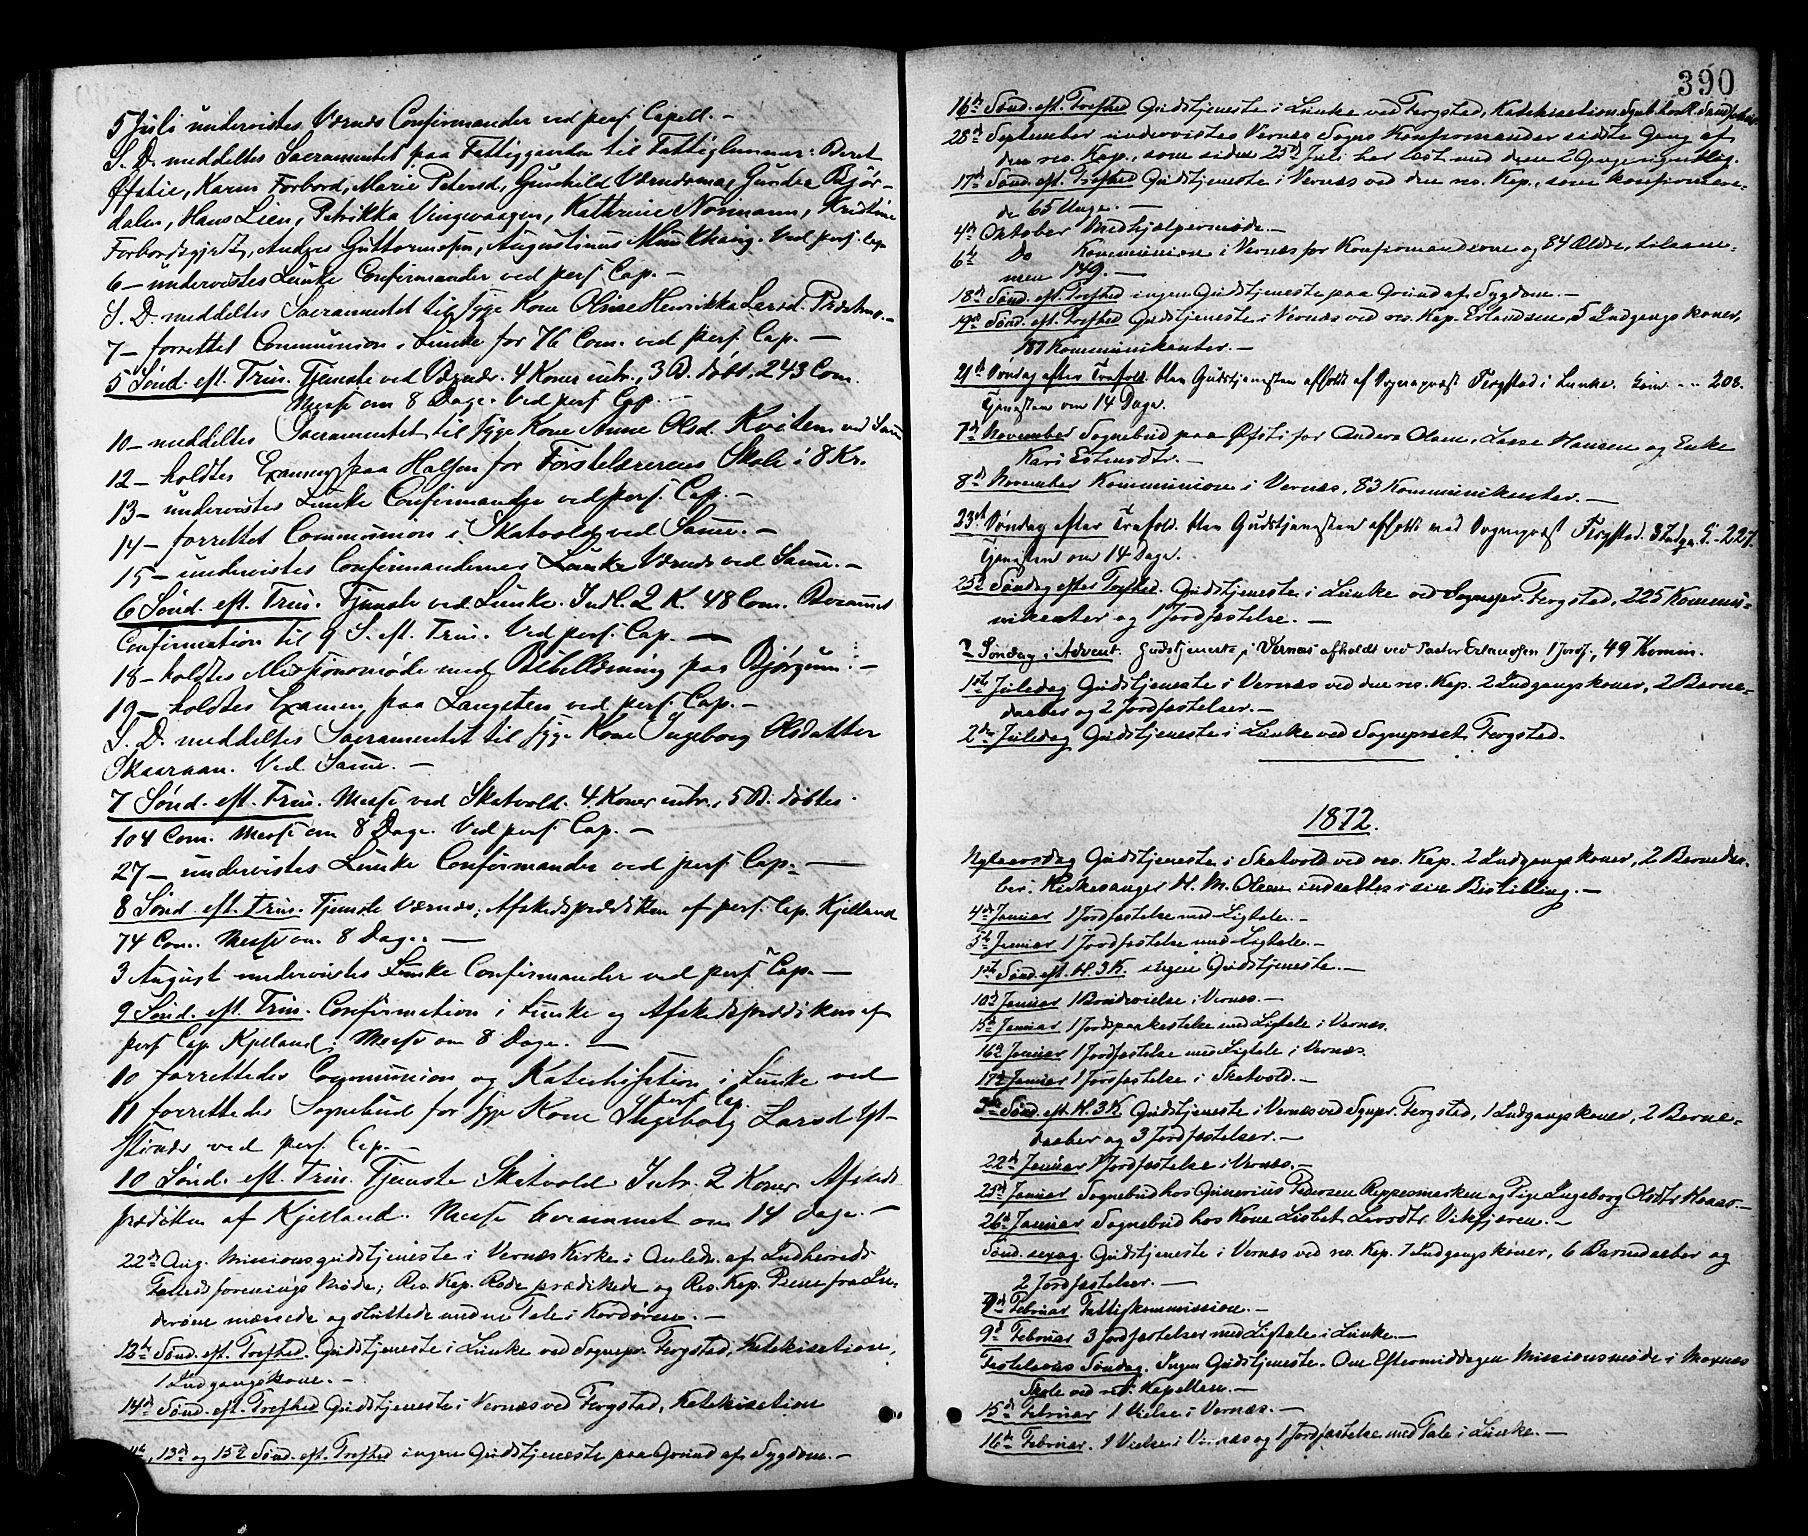 SAT, Ministerialprotokoller, klokkerbøker og fødselsregistre - Nord-Trøndelag, 709/L0076: Ministerialbok nr. 709A16, 1871-1879, s. 390